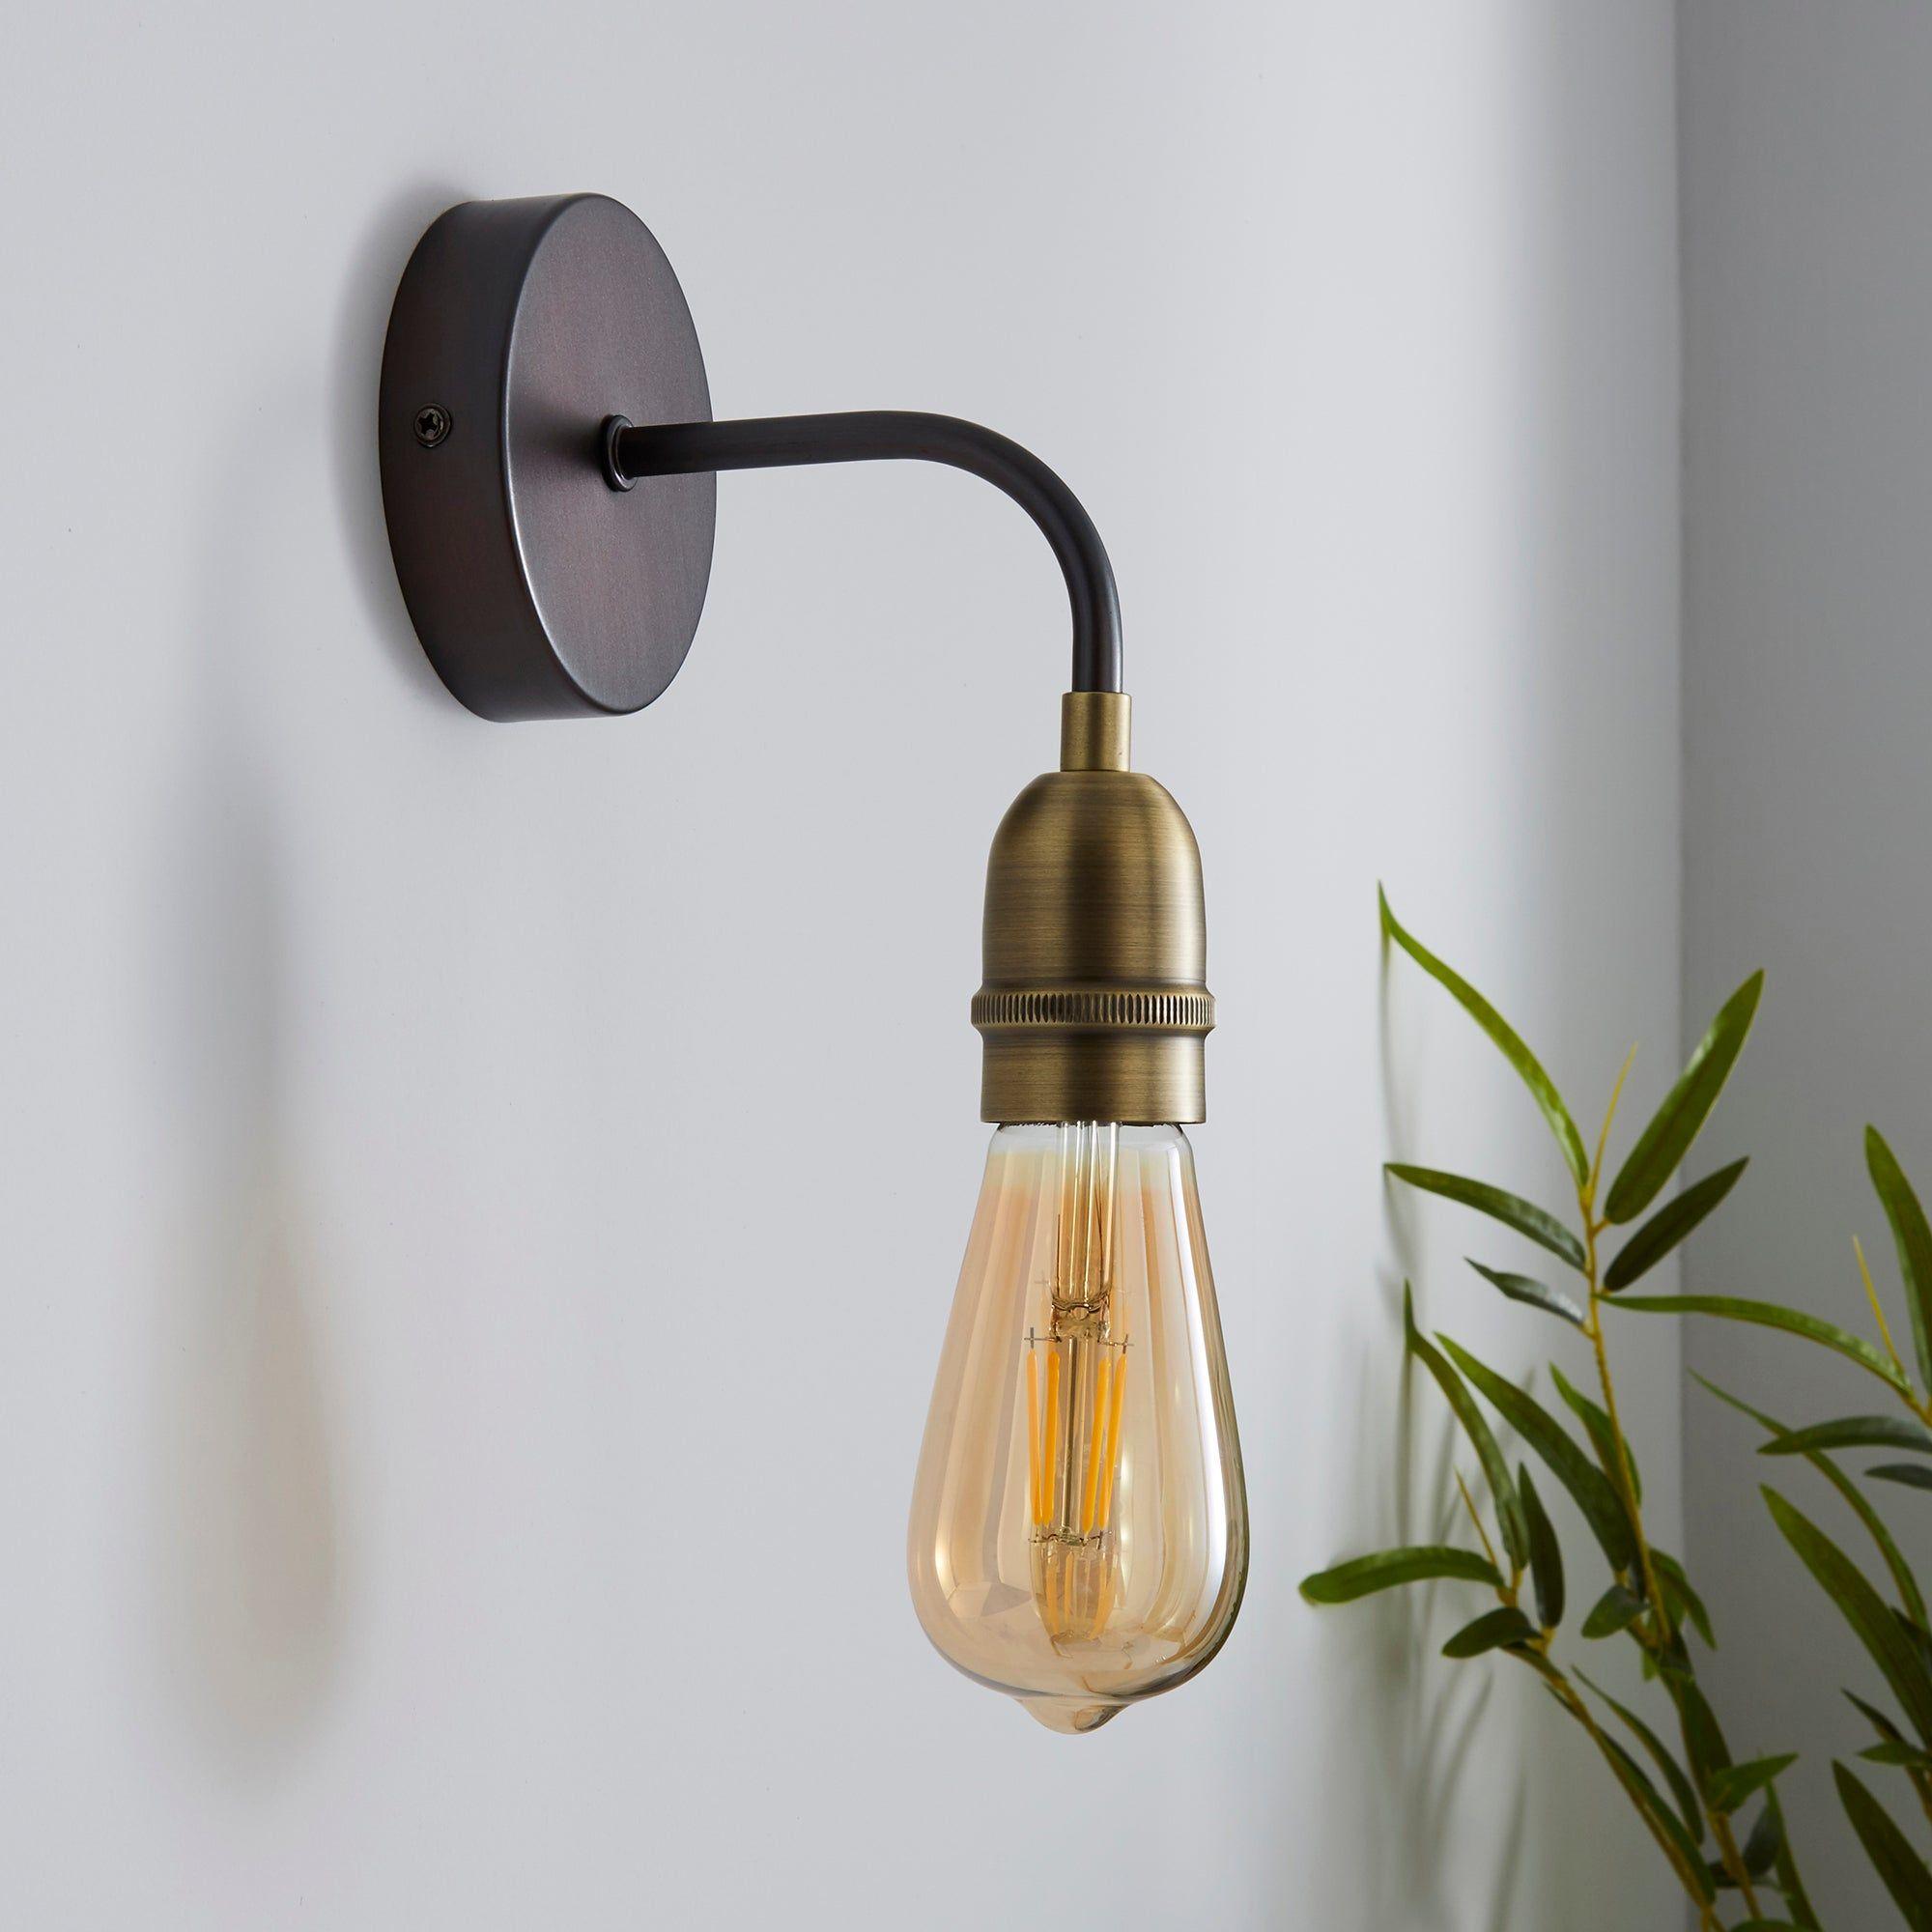 Marsden Antique Brass Industrial Wall Light Industrial Wall Lights Wall Lights Wall Lights Living Room